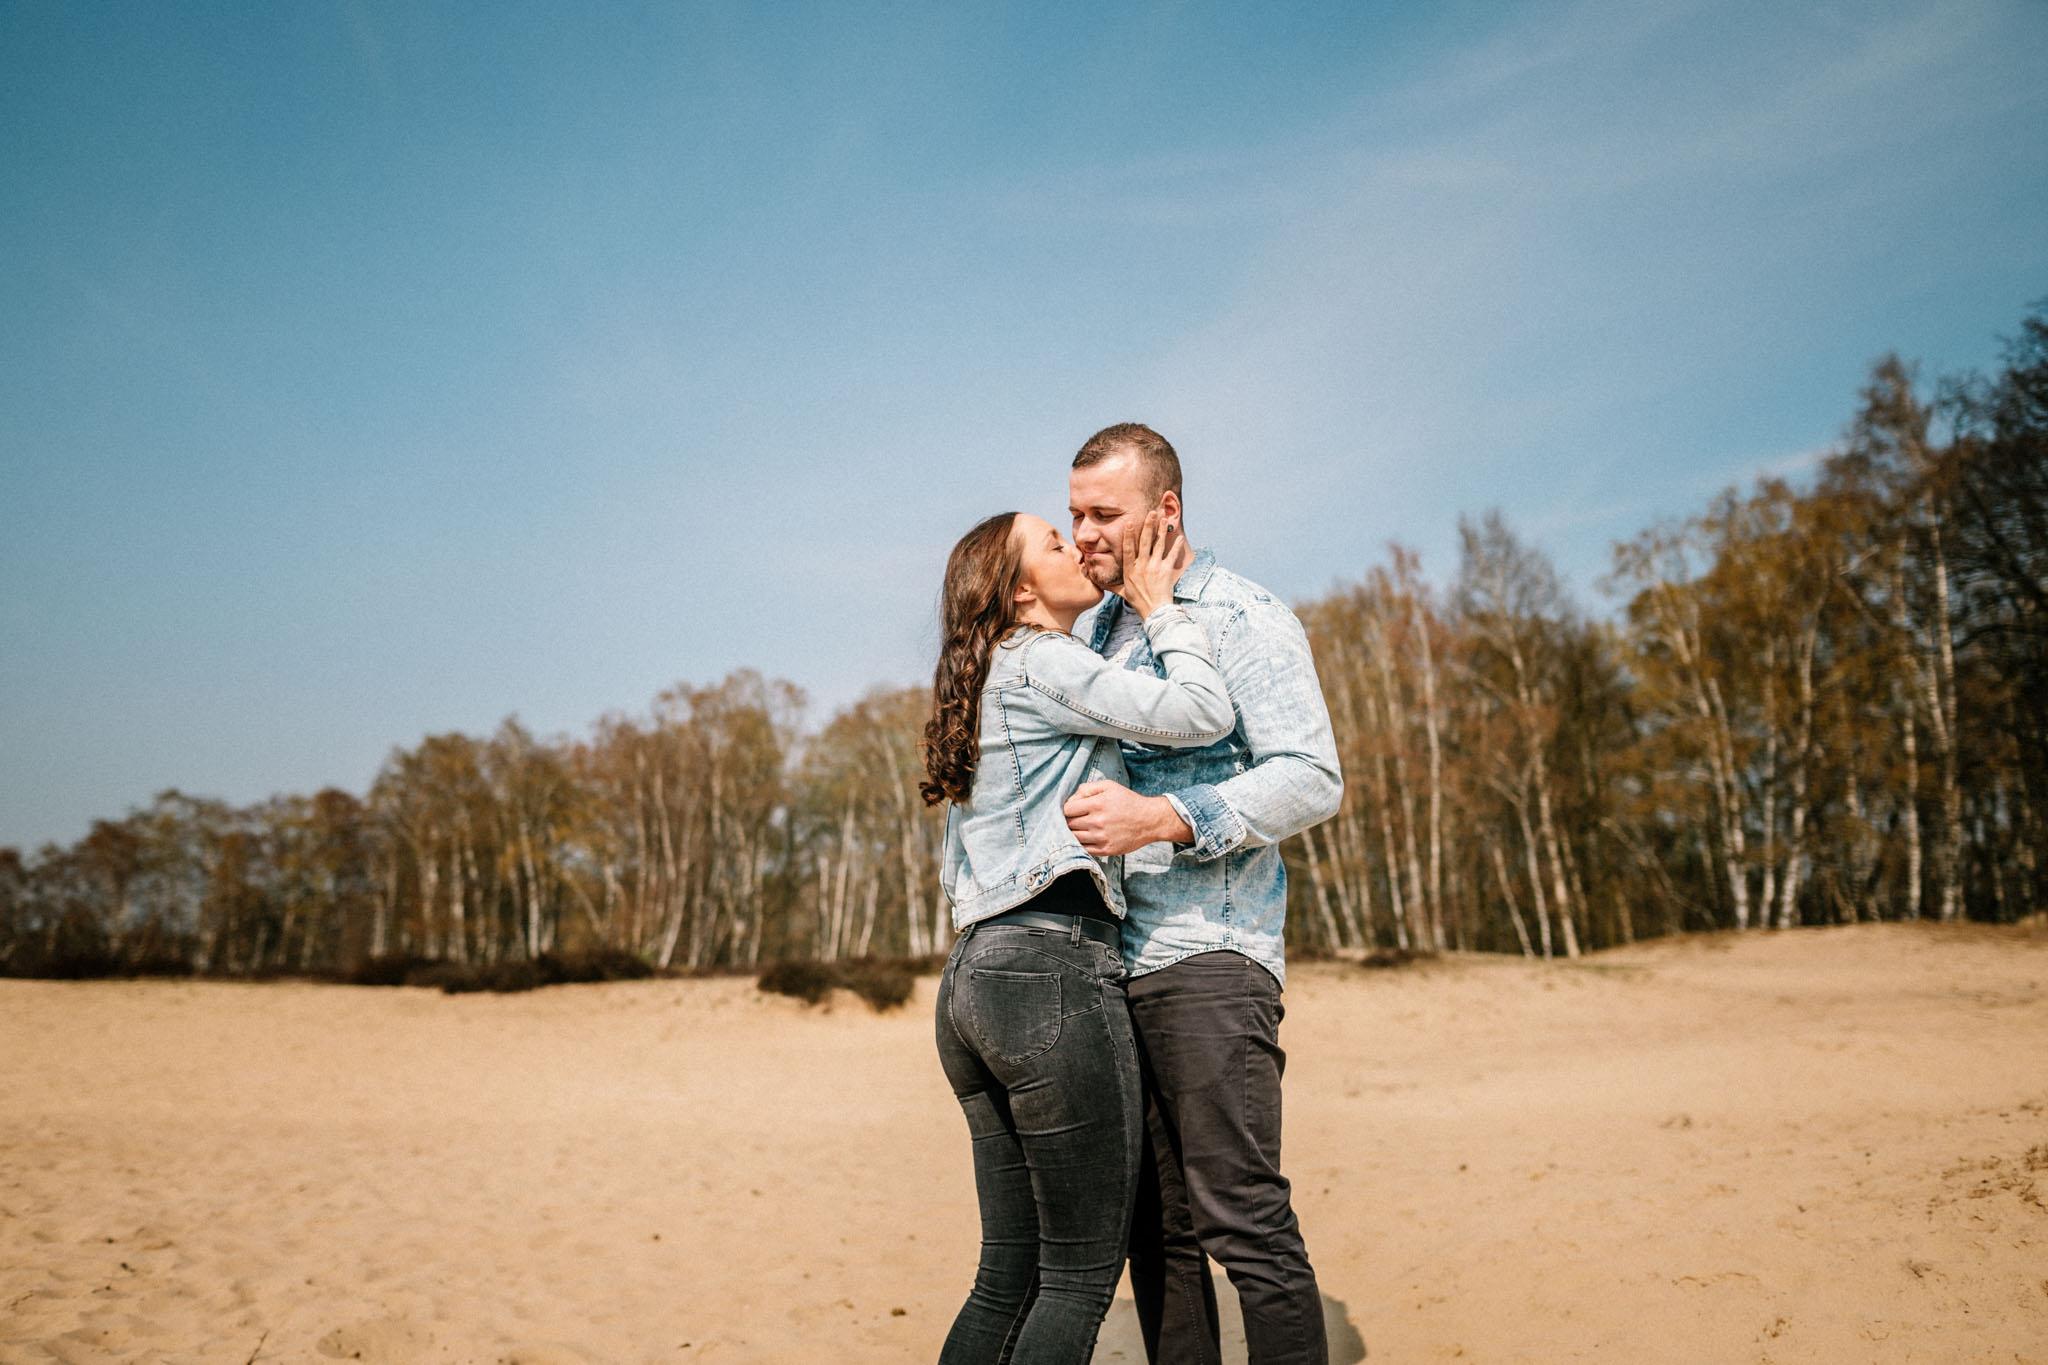 Hochzeitsfieber by Photo-Schomburg, Sven Schomburg Hochzeitsfotografie, Engagementshooting, Coupleshoot, Pärchenshoot, Boberger Dünen-25